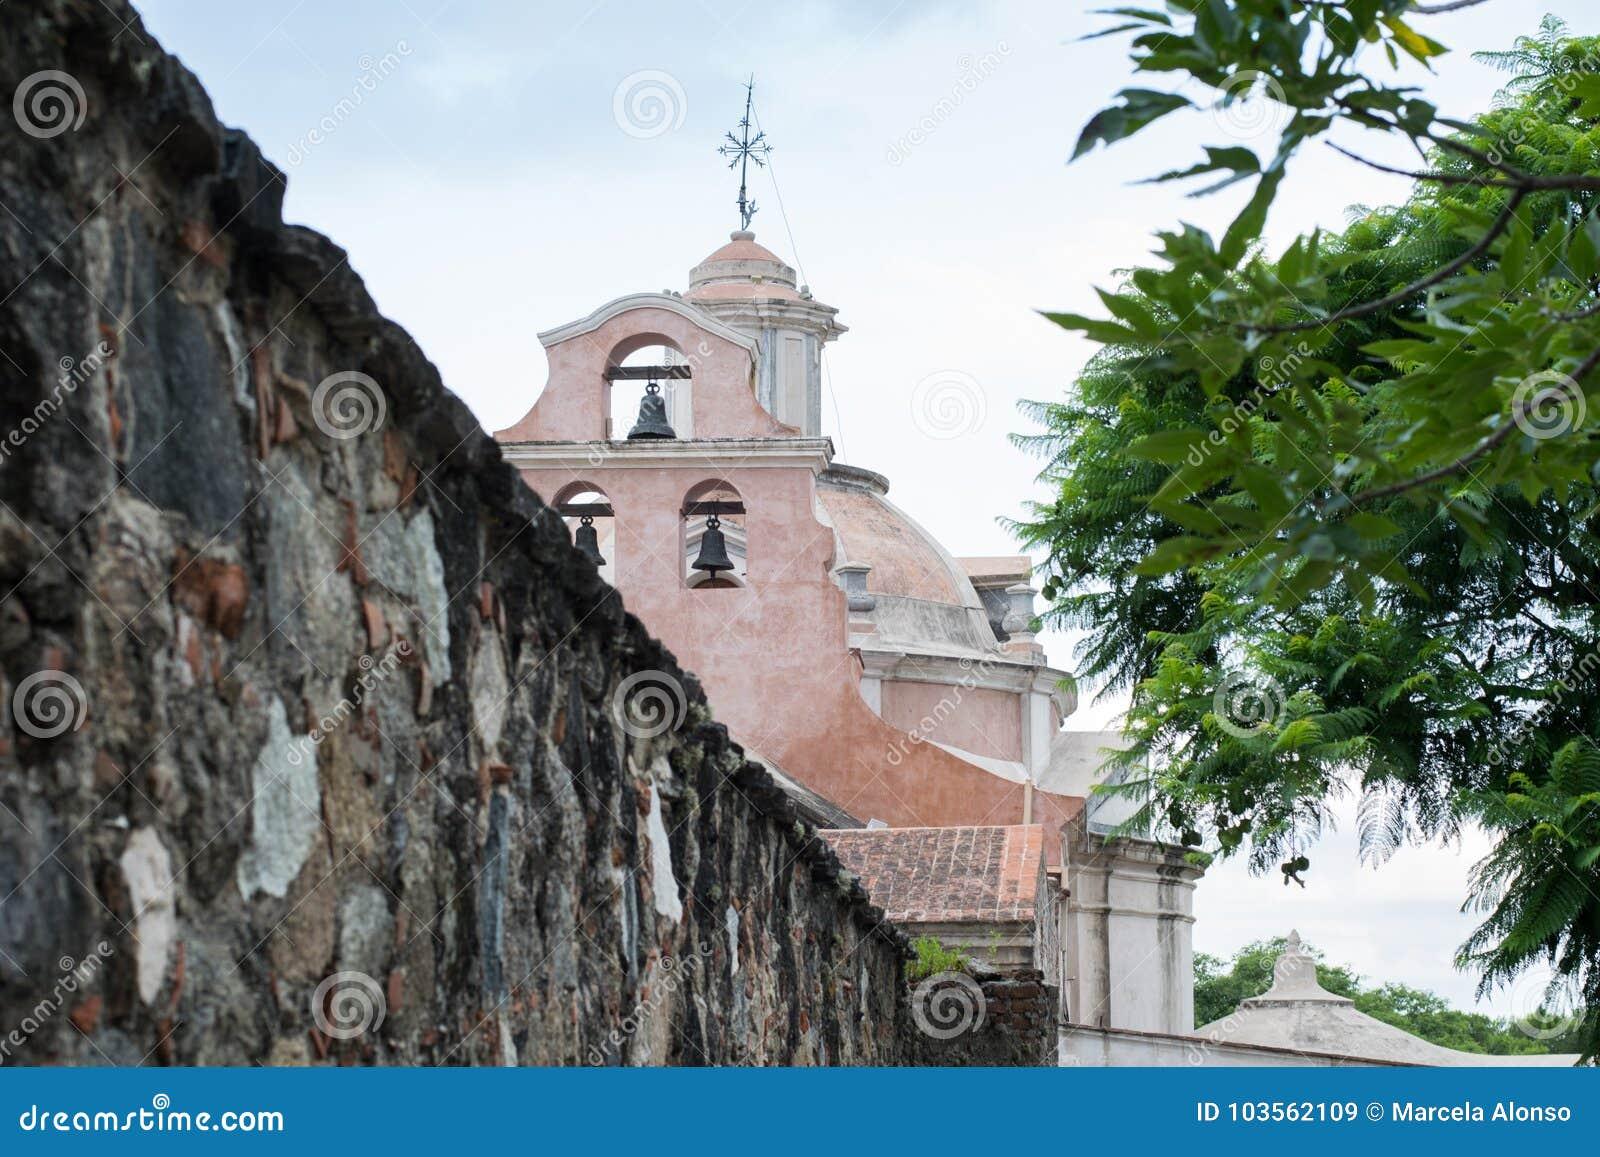 Arquitectura de las jesuitas, patrimonio mundial, iglesia, museo Alta Gracia